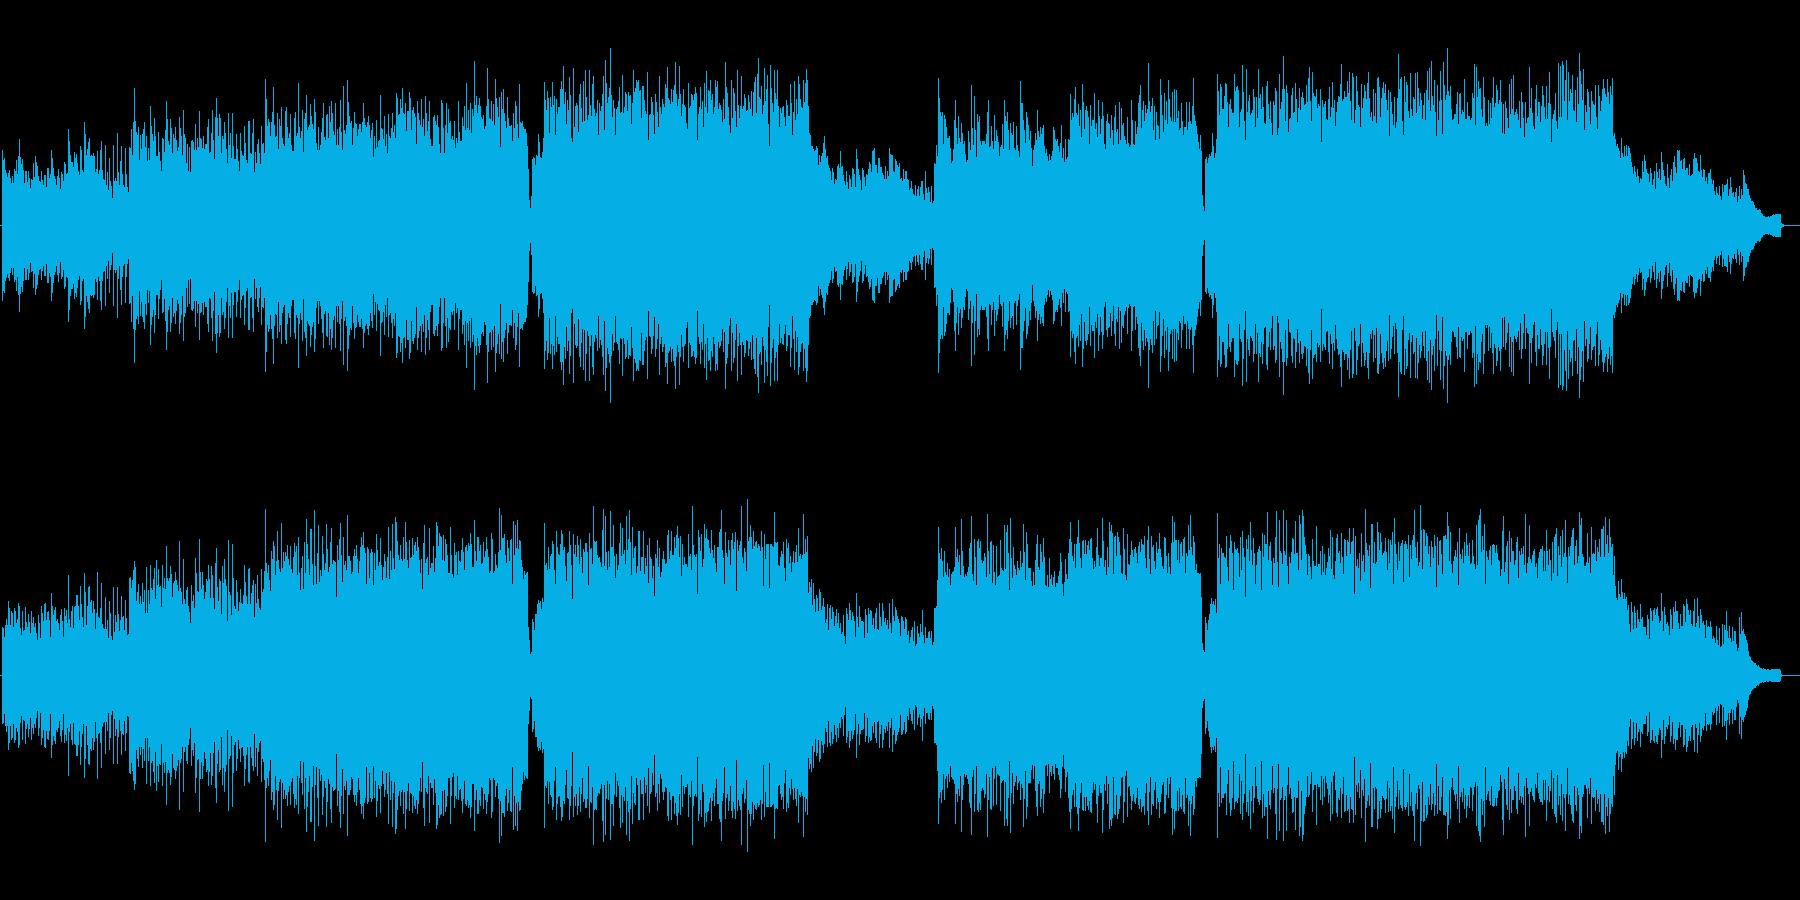 生バイオリンとピアノの爽やか明るいポップの再生済みの波形